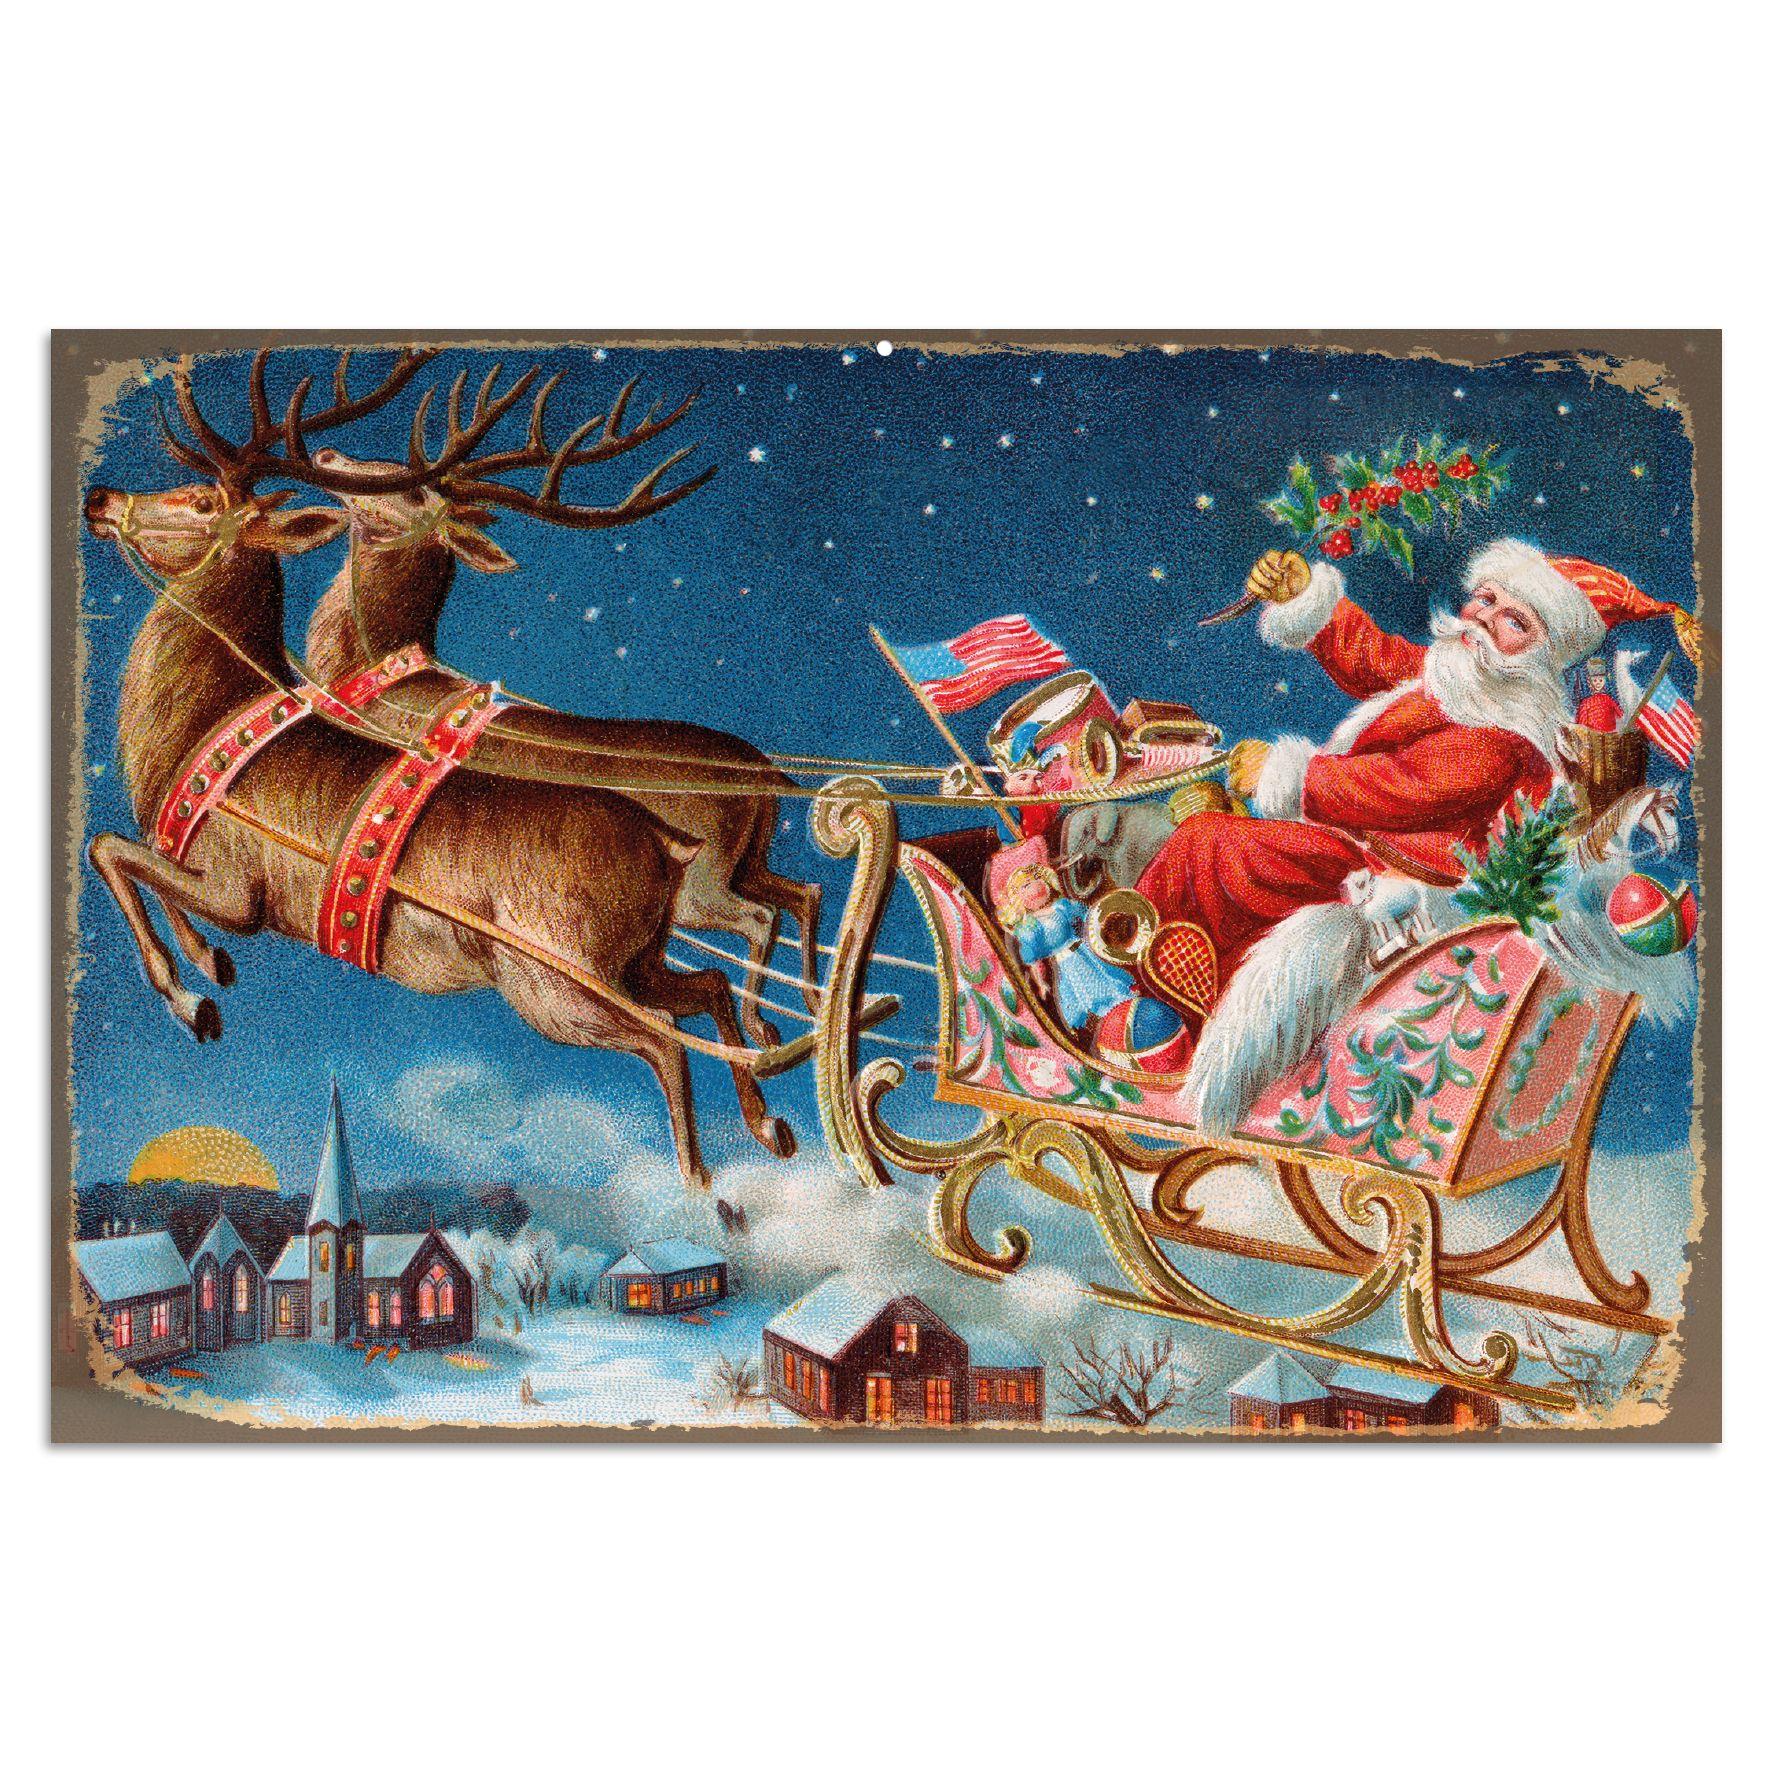 Hüllen Sie Ihre Wohnung Jetzt In Ein Weihnachtliches Gewand Und Dekorieren Sie  Ihr Zuhause Mit Den